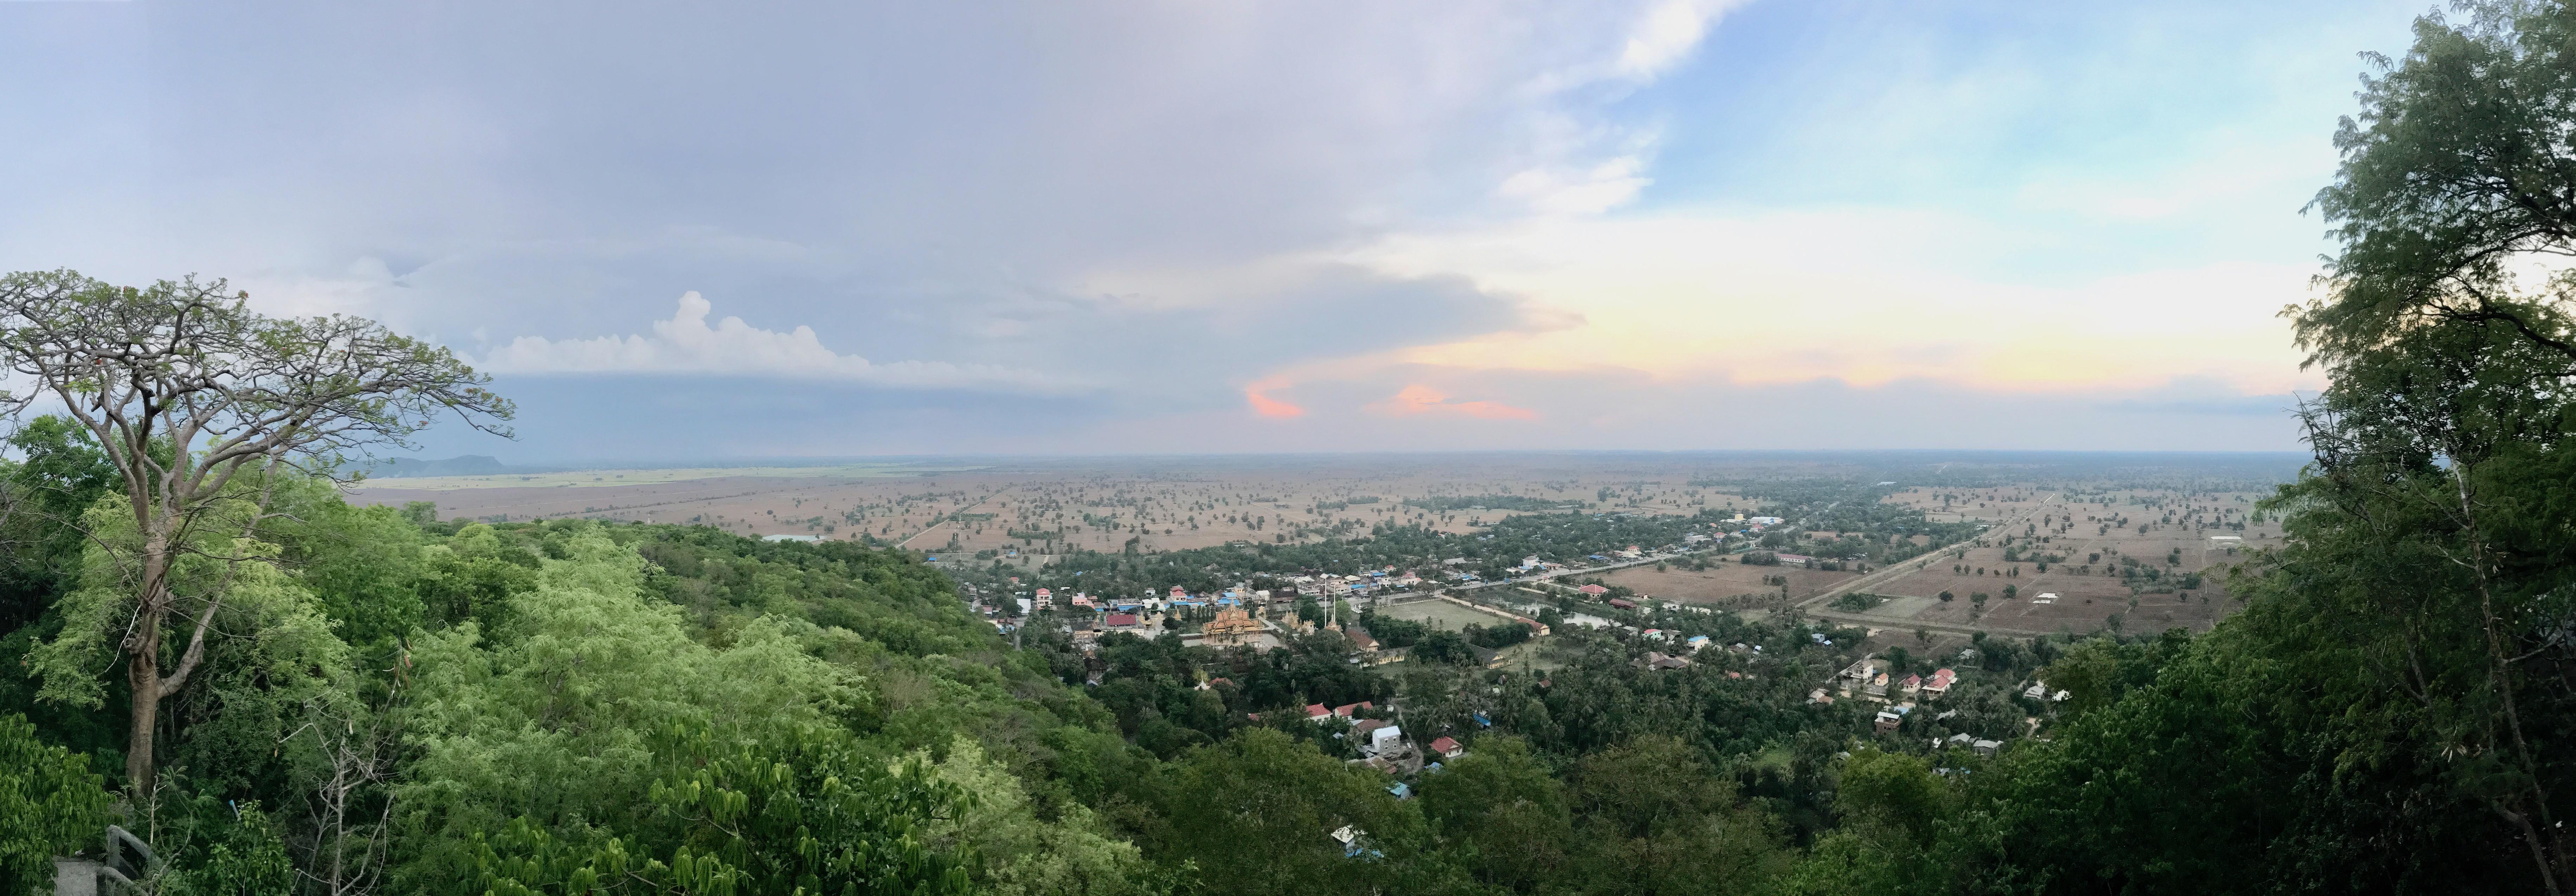 Battambang View